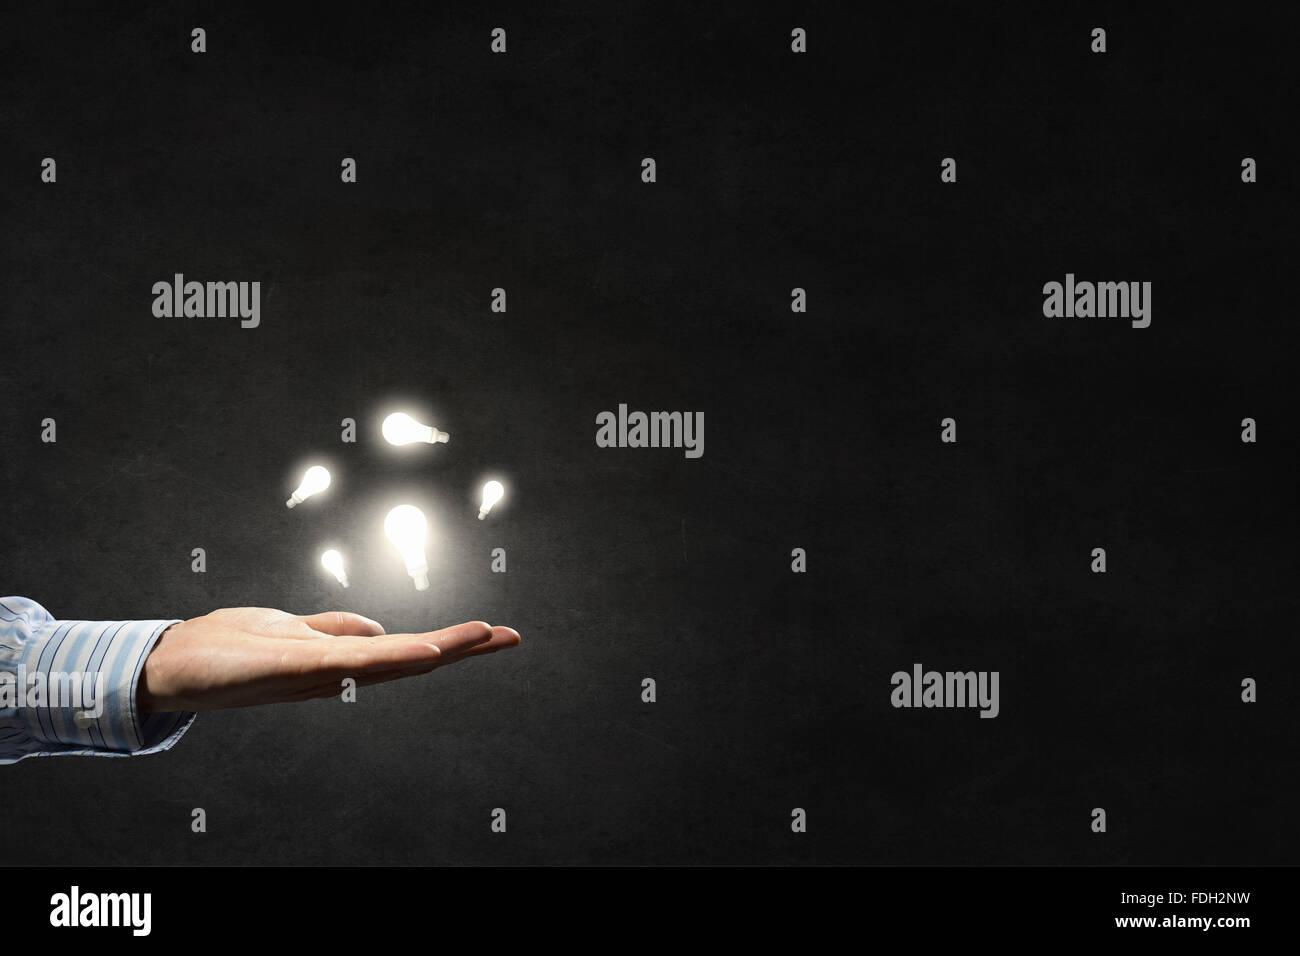 Imprenditore illuminato con luce di vetro lampadina in mano Immagini Stock